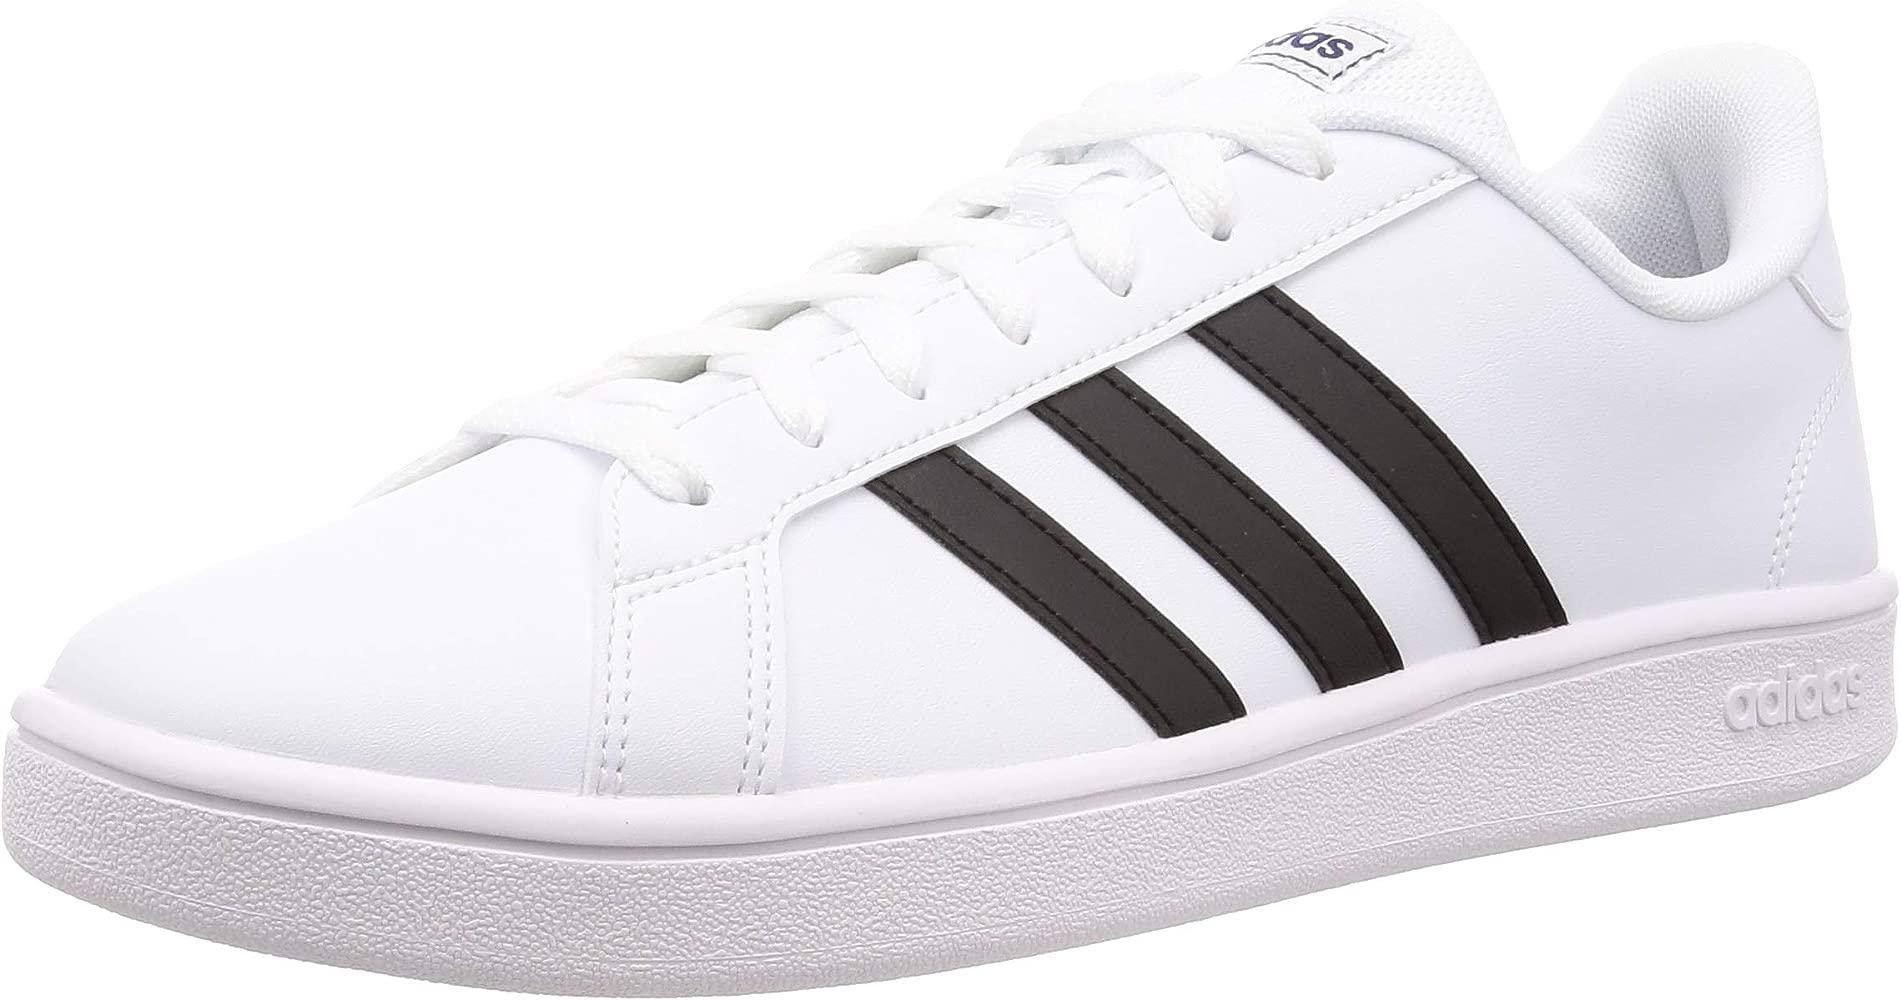 Adidas Zapatilla Base Casual Court Grand Blanco deQCxroBW